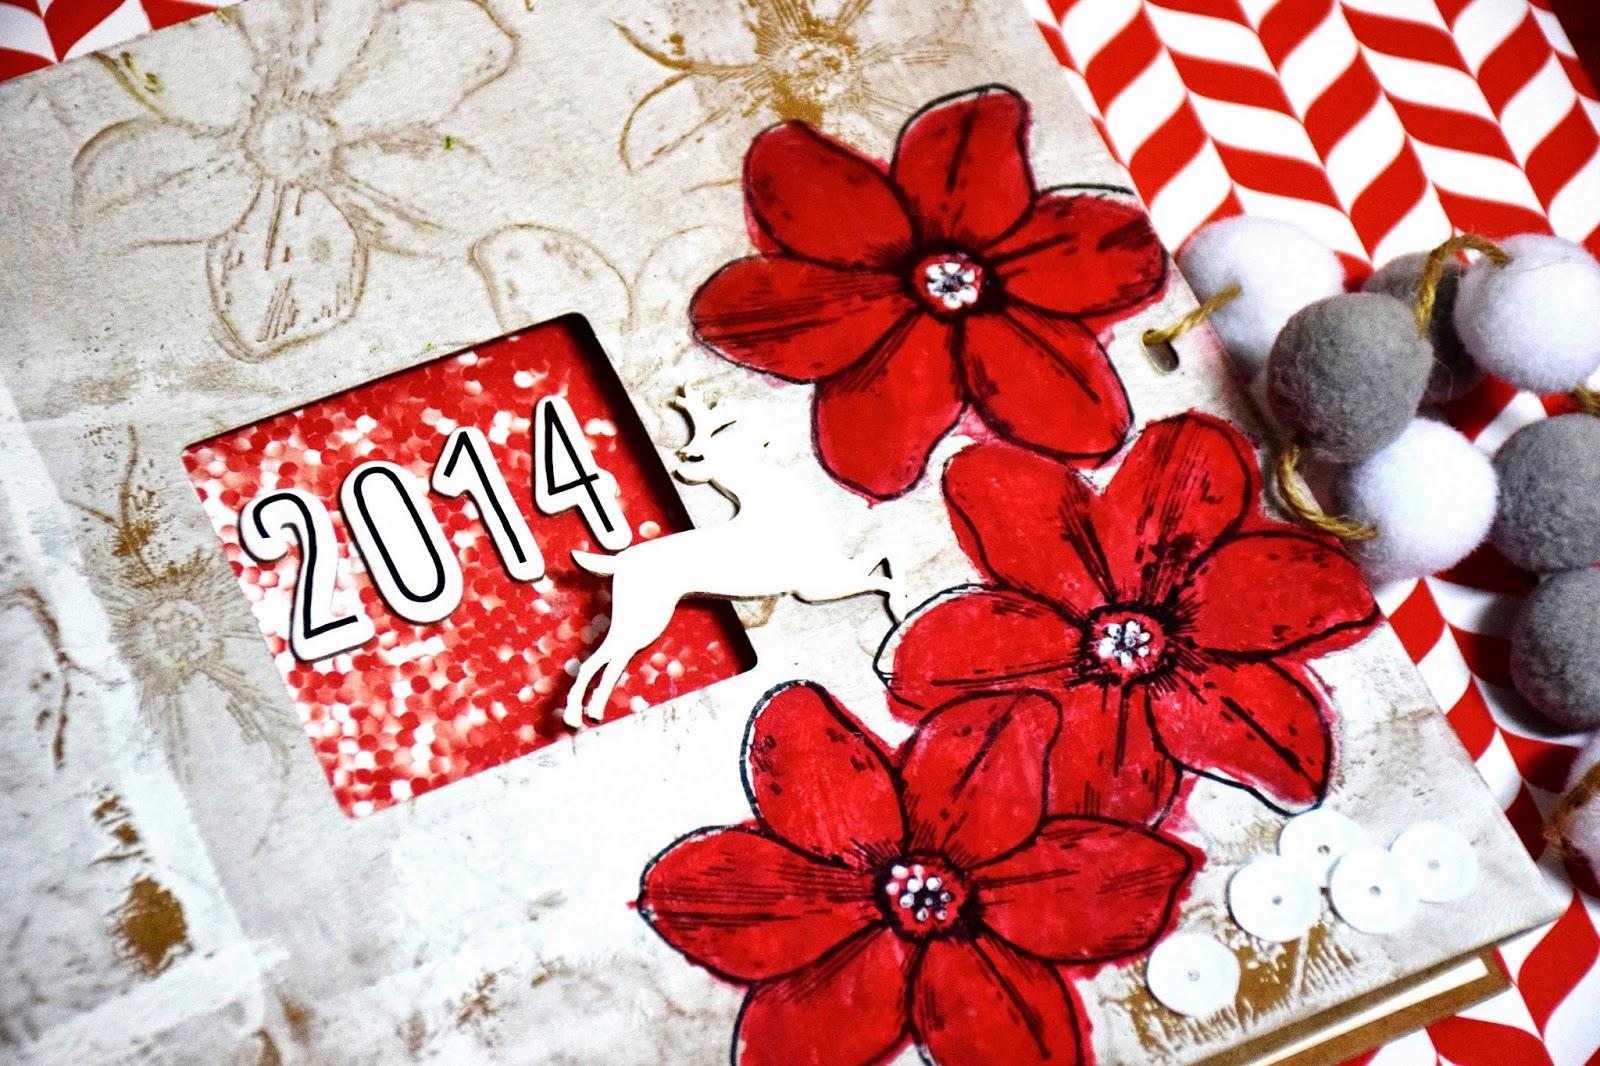 Diario de Navidad 2014 - Portada y estructura